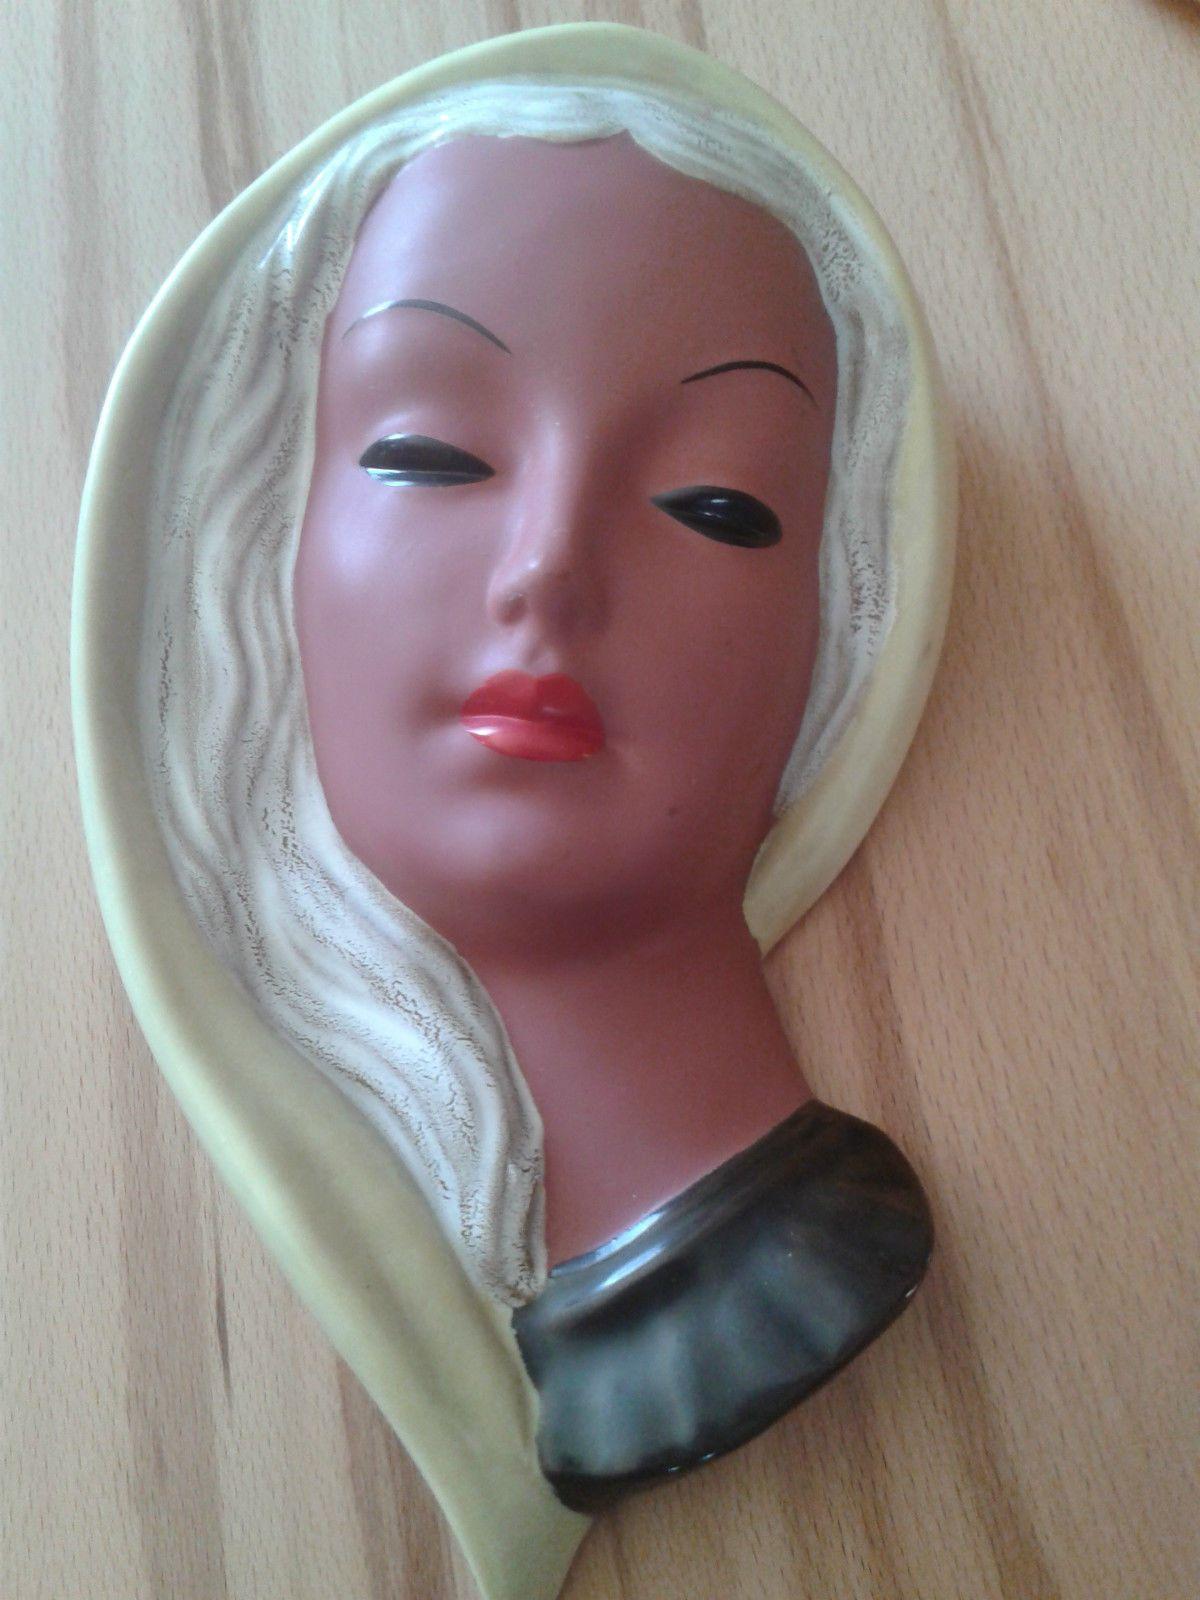 http://www.ebay.de/itm/Goldscheider-Wandmaske-Maske-Frauenmaske-West-Germany-27-cm-/261856154246?pt=LH_DefaultDomain_77